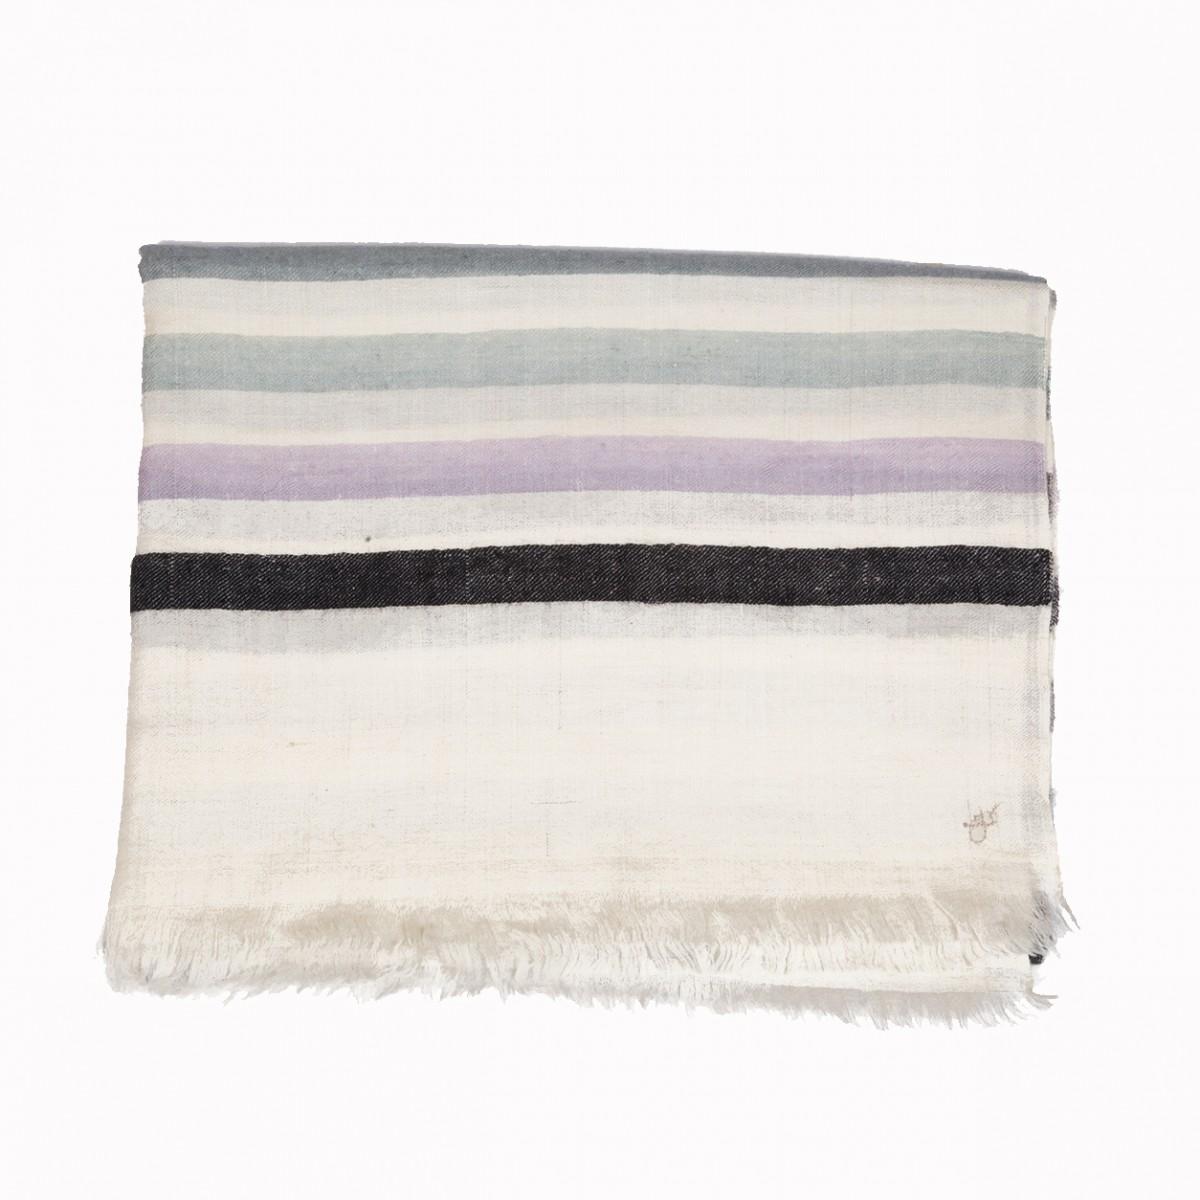 Pattern Pashmina Stole - Black Ivory Grey